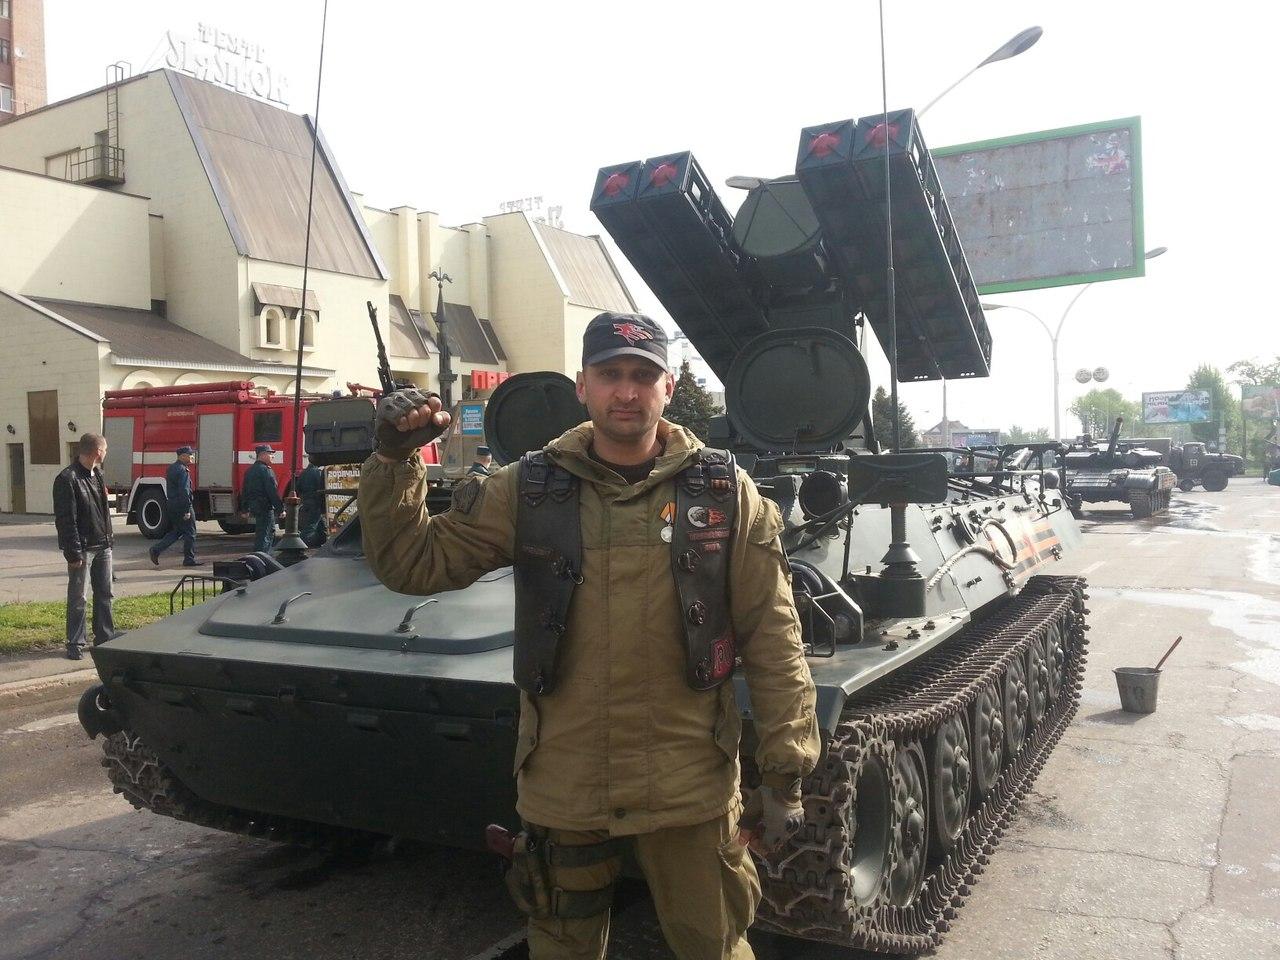 Alexei Olegovitj Veresjtjagin, född 30 mars 1976